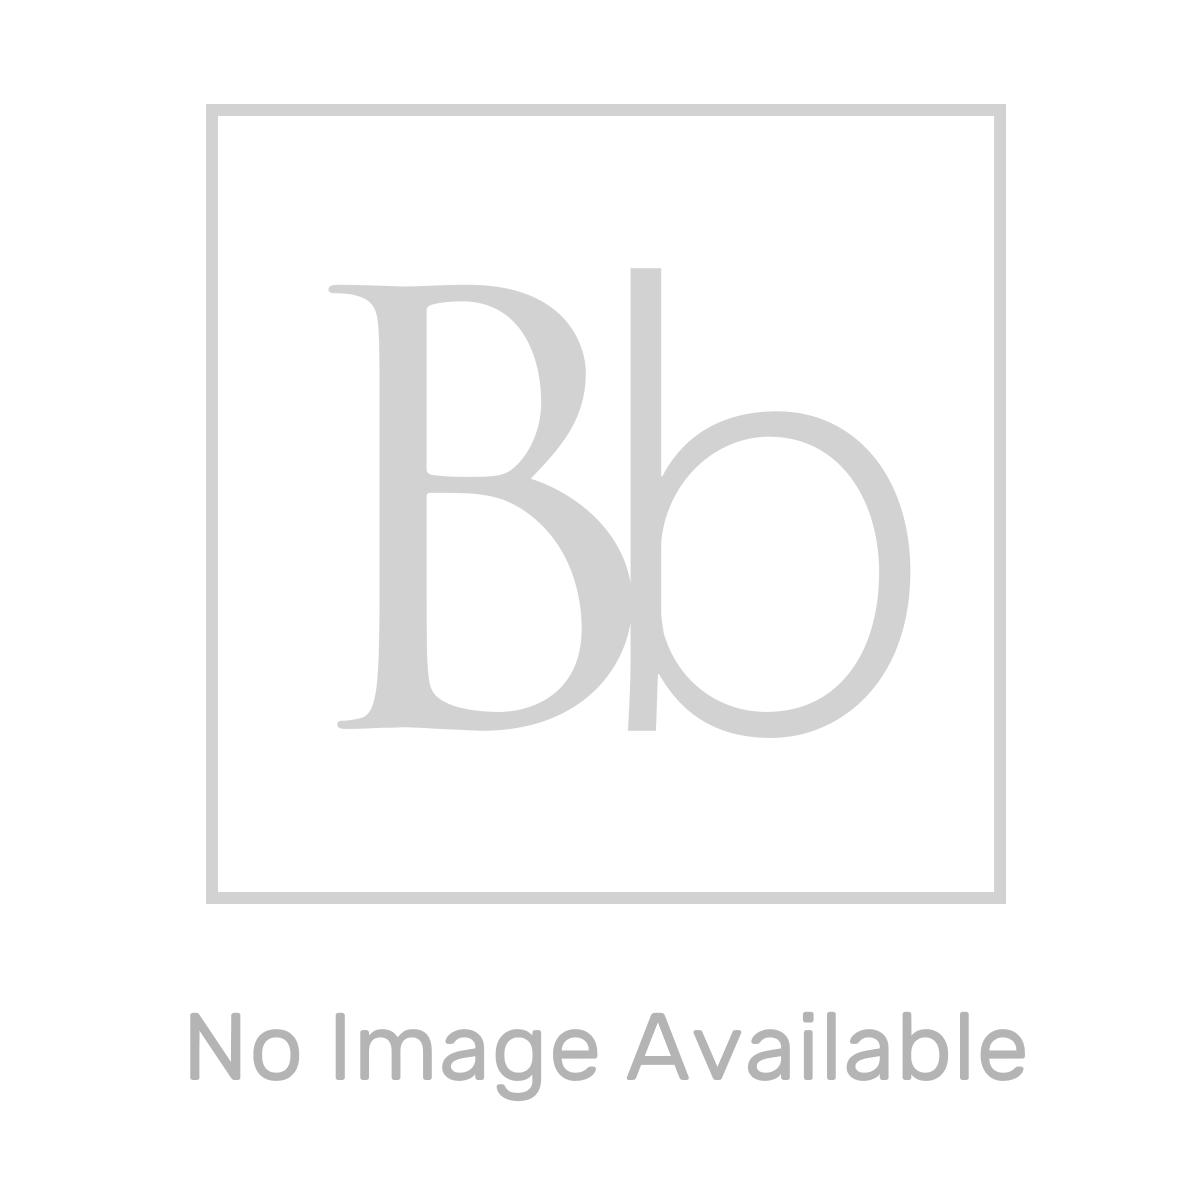 Nuie Athena Natural Oak 2 Door Floor Standing Vanity Unit with 40mm Profile Basin 500mm